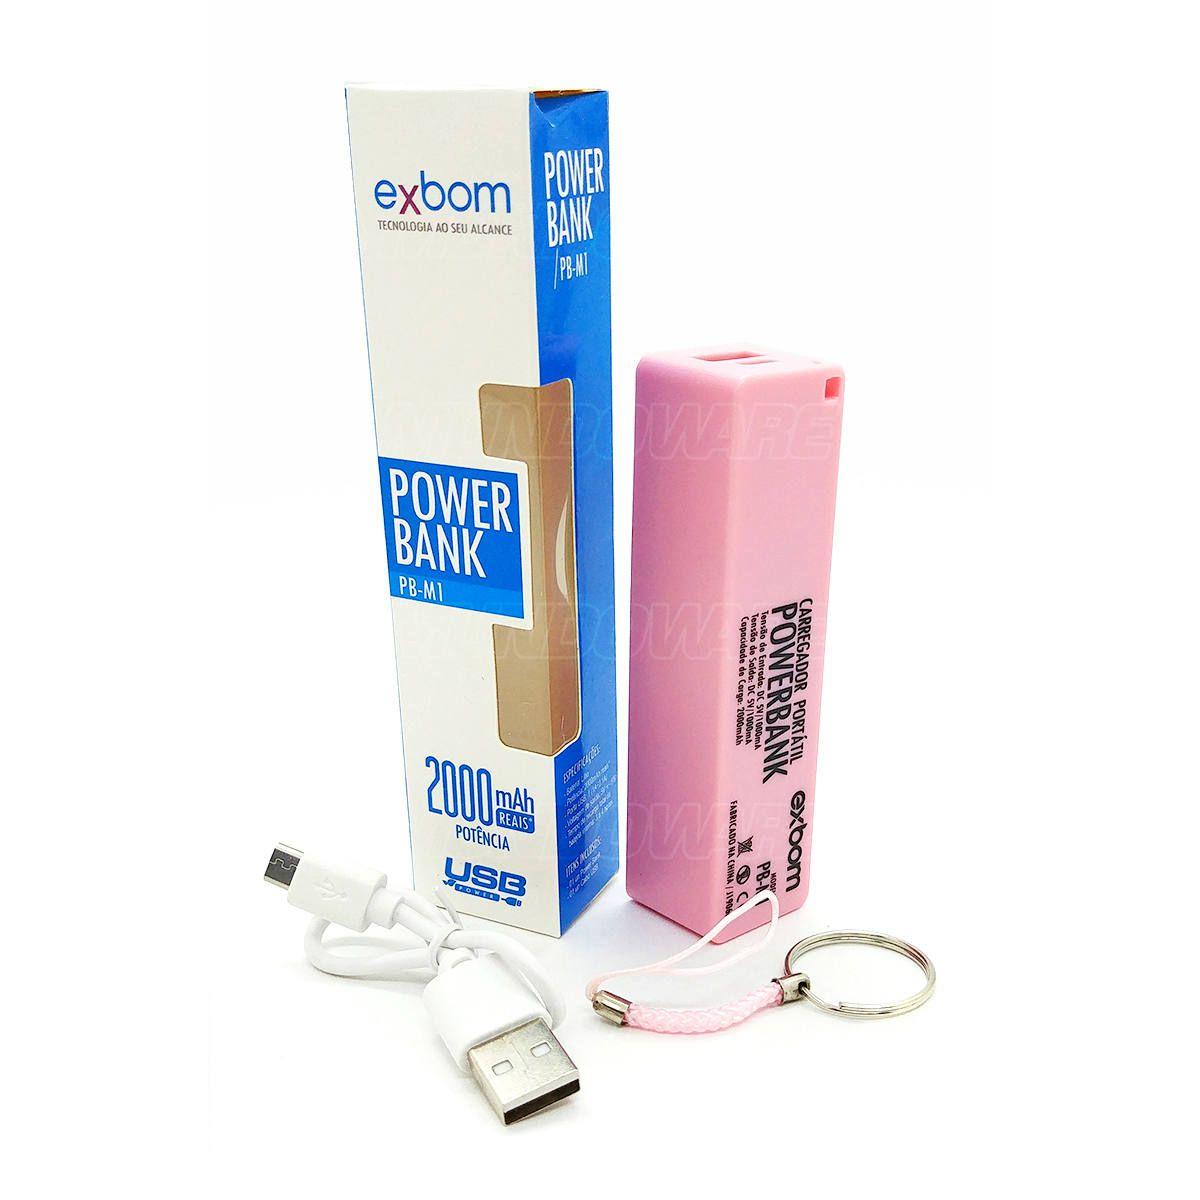 Power Bank Bateria 2000mAh Carregador Portátil Pequeno de Bolso para Celular Exbom PB-M1 Rosa